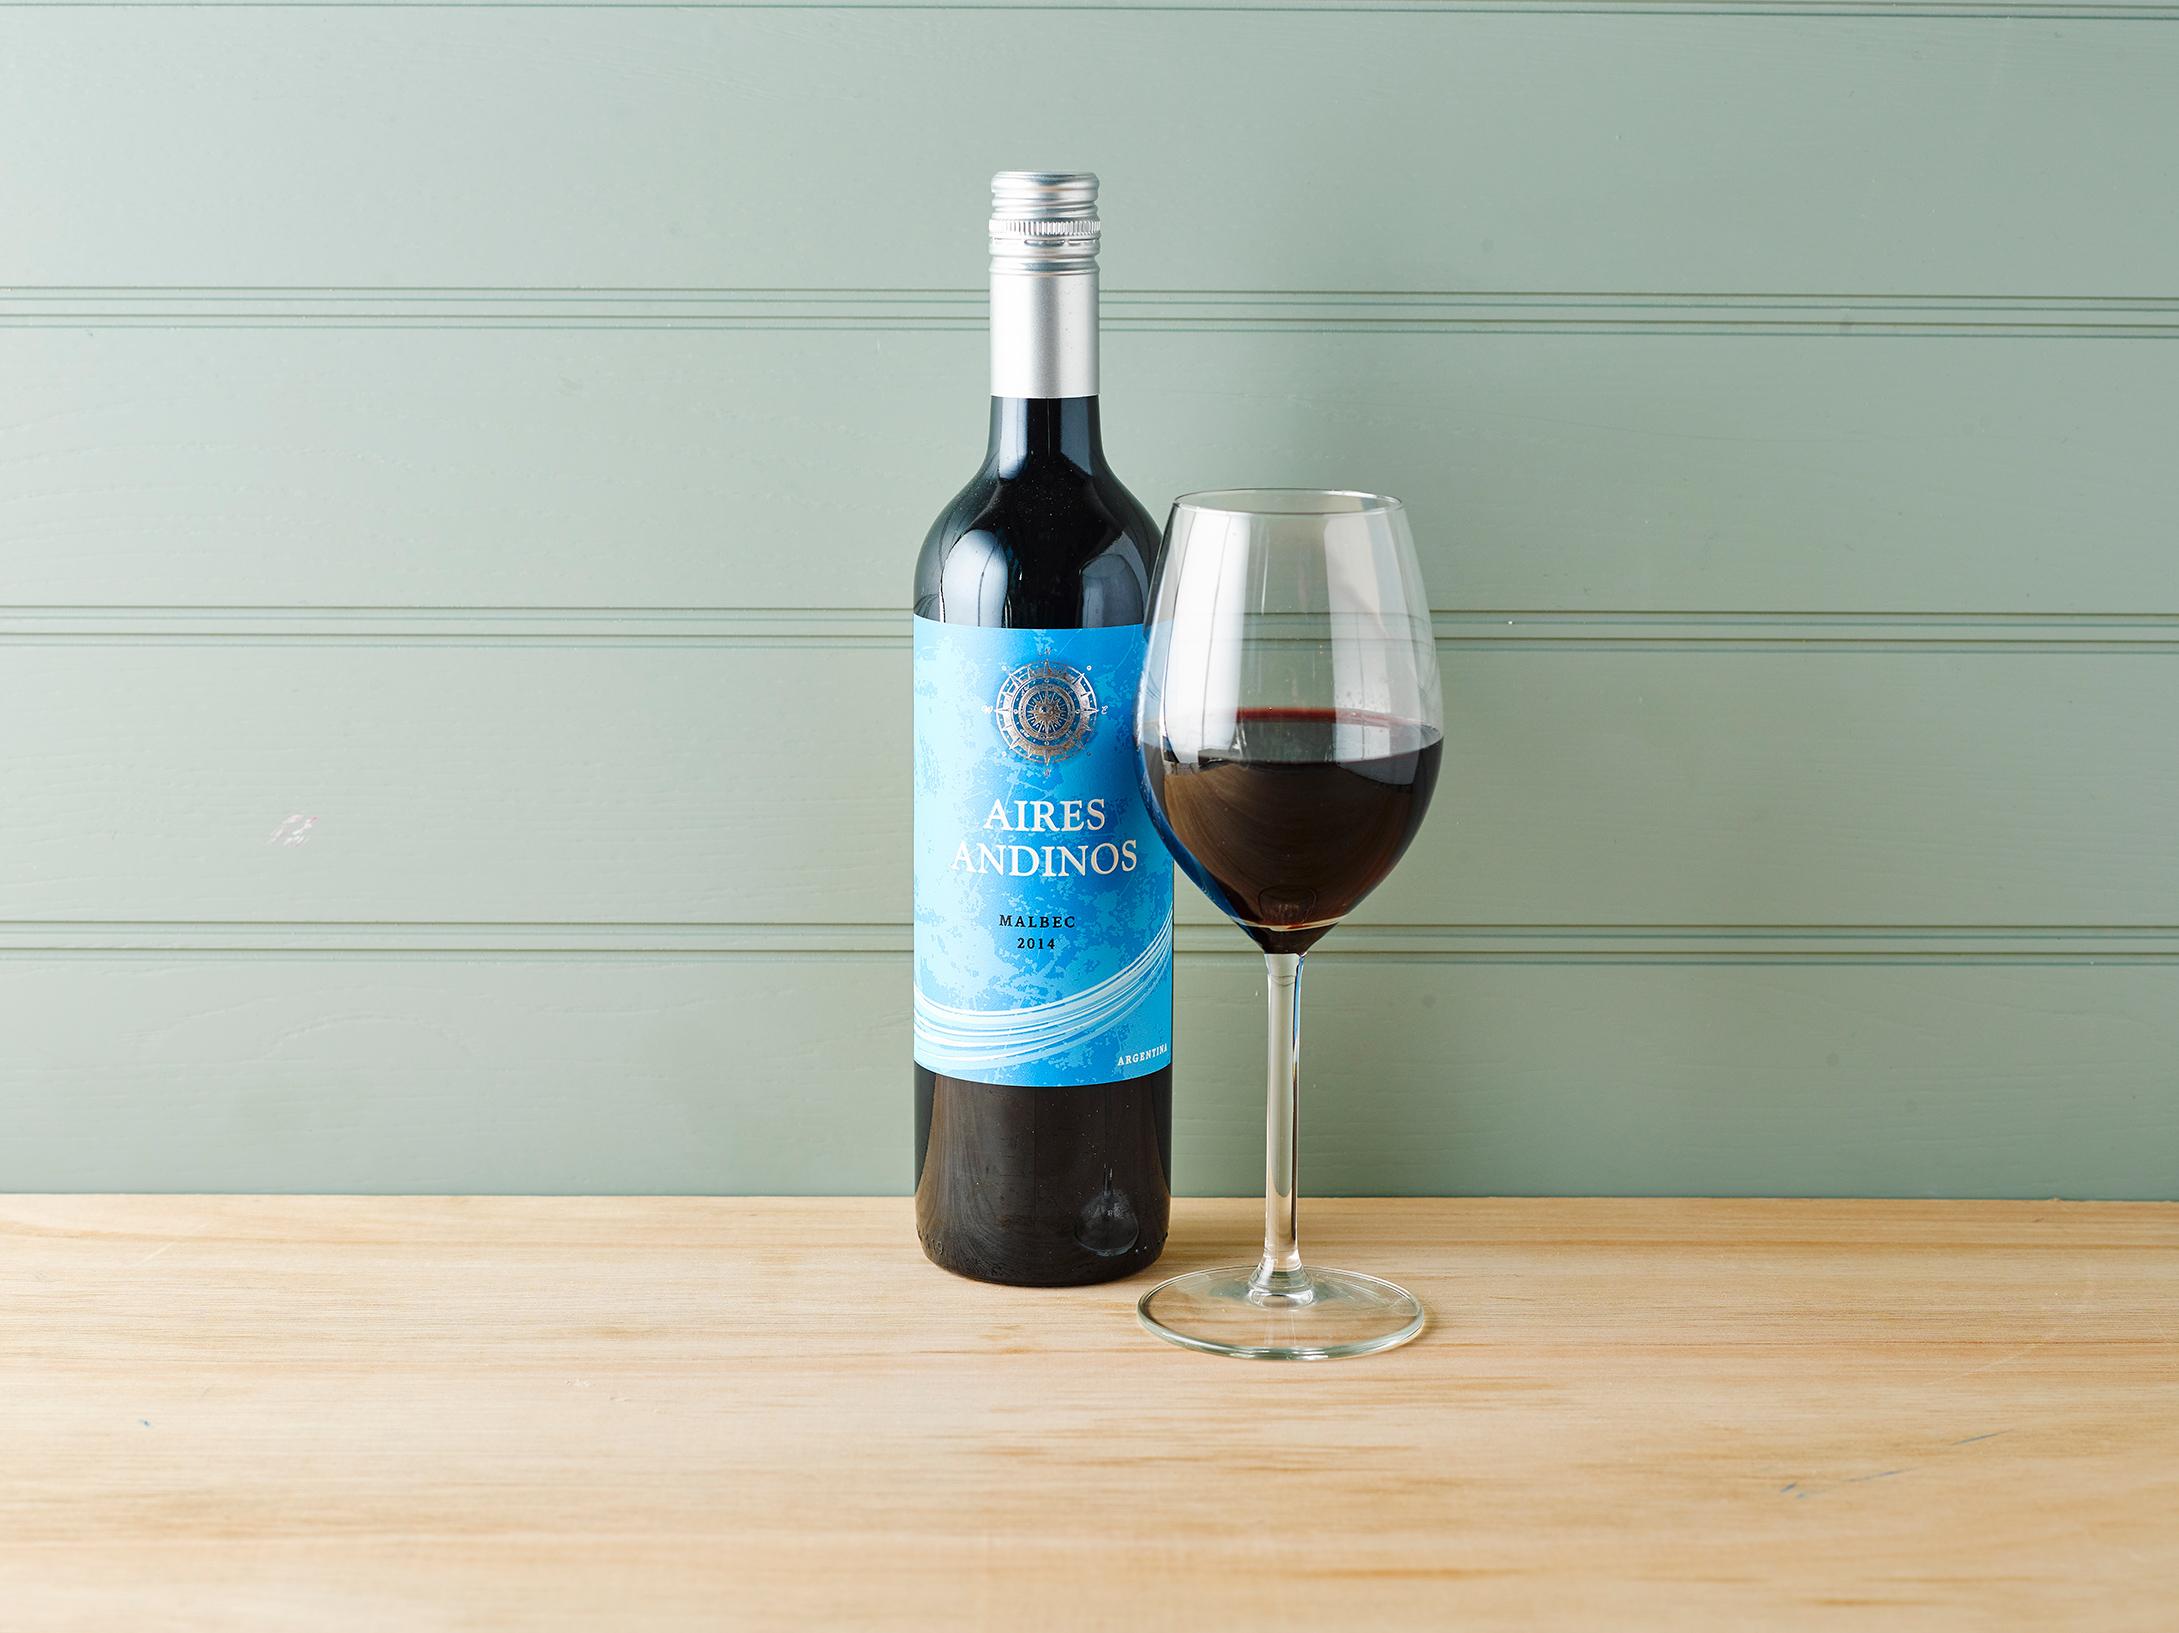 Gousto wines Aires Andinos Malbec